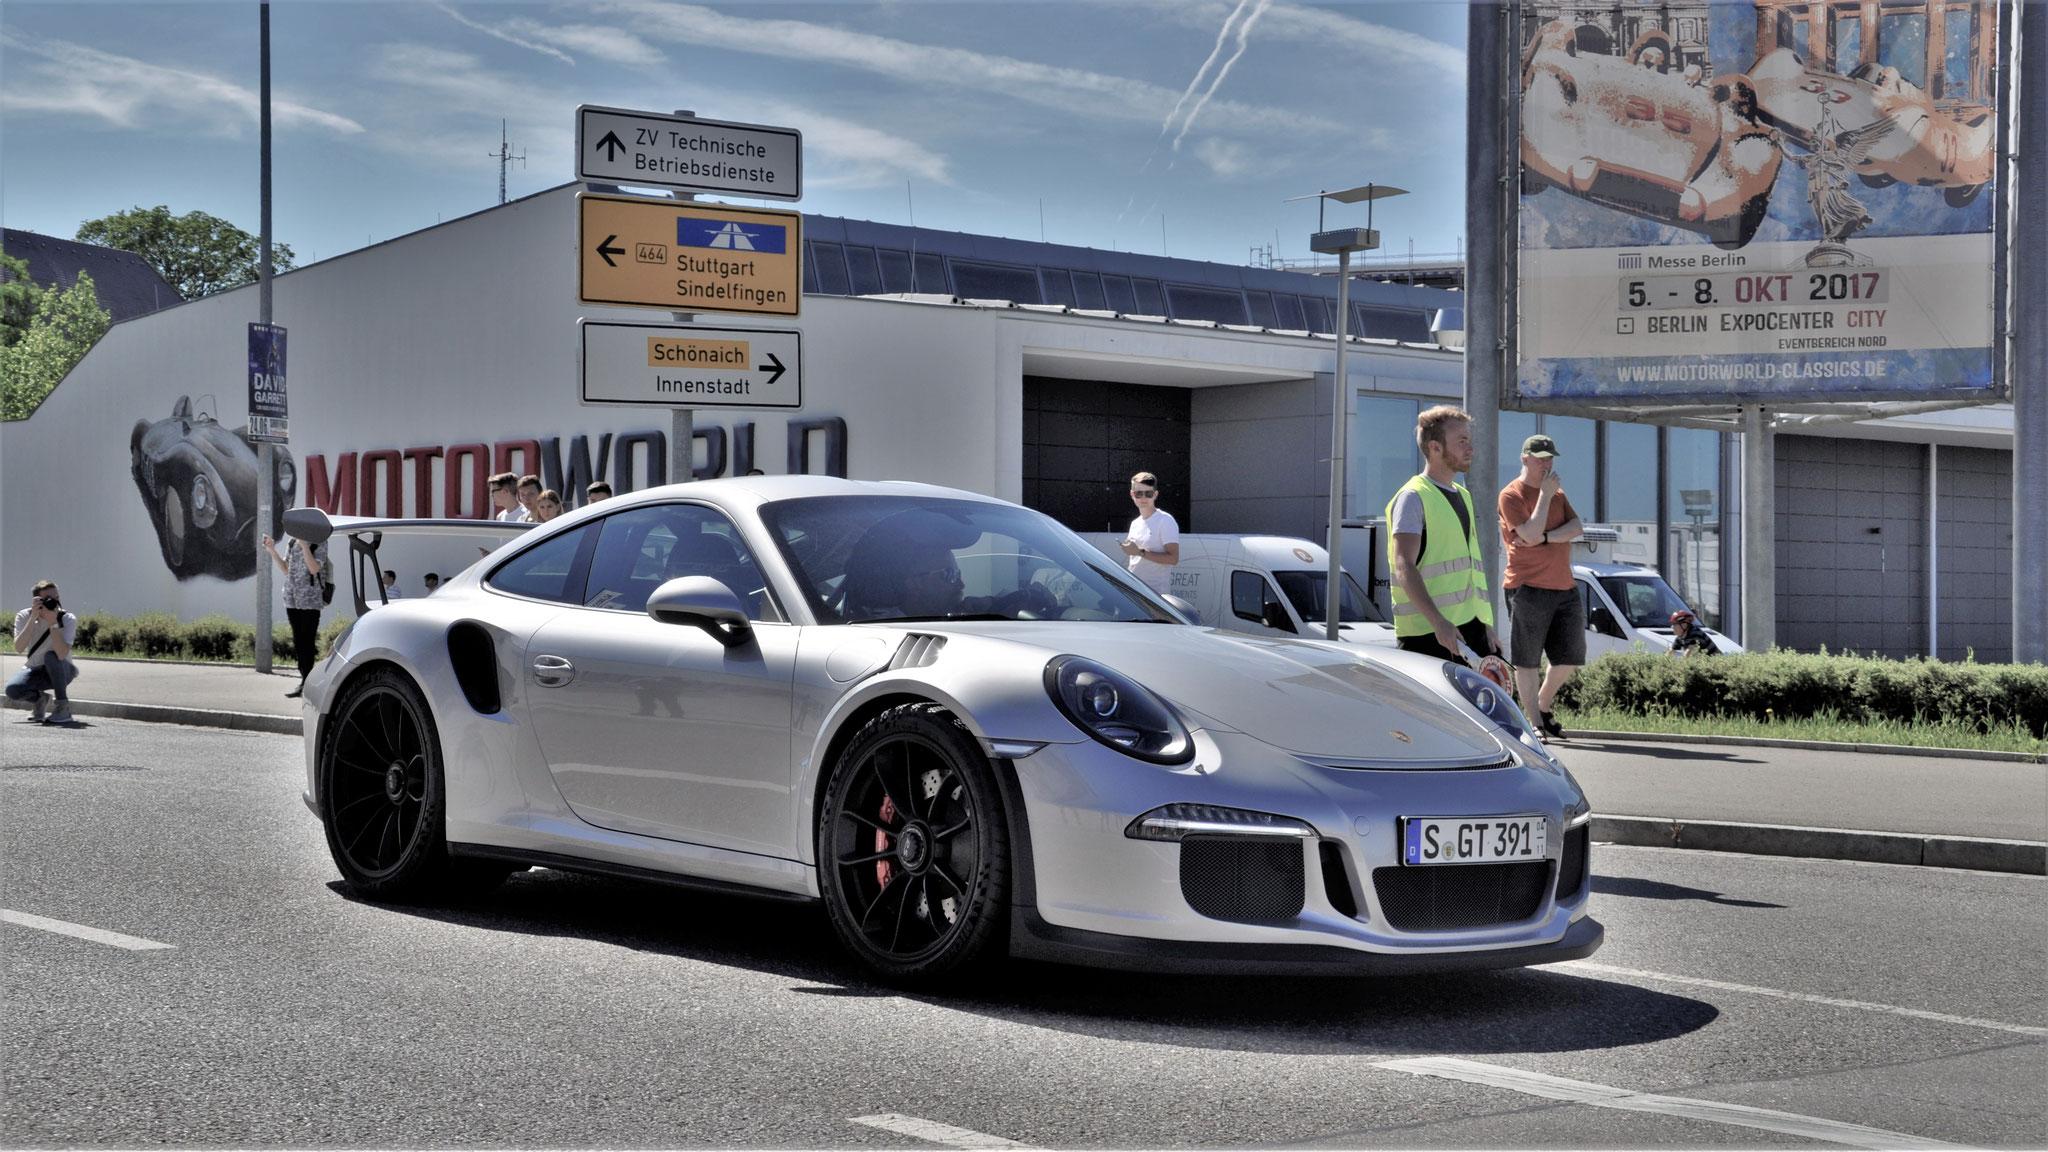 Porsche 911 GT3 RS - S-GT-391